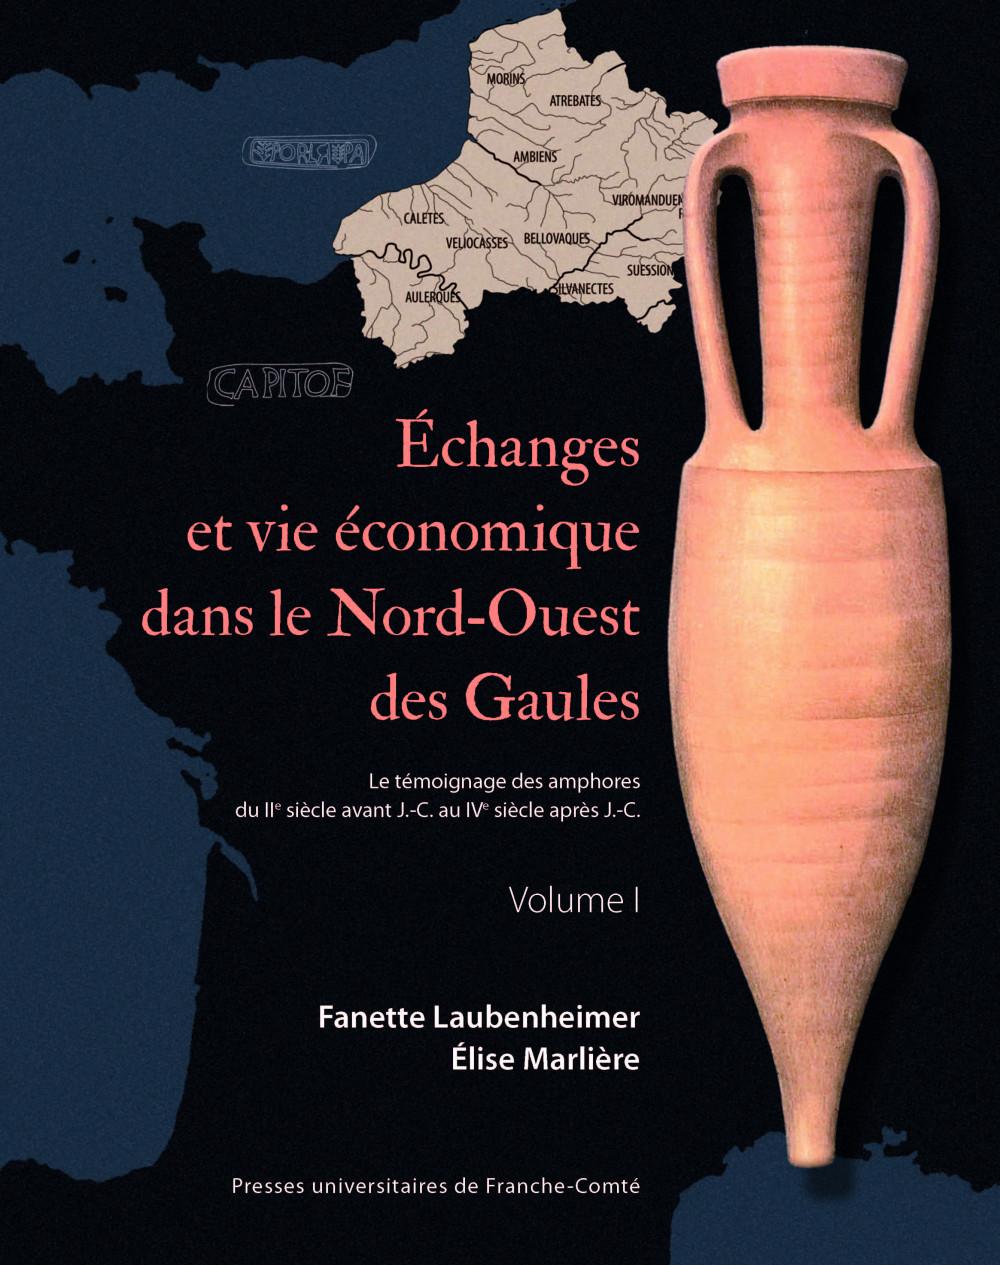 Echanges et vie économique dans le Nord-Ouest des Gaules